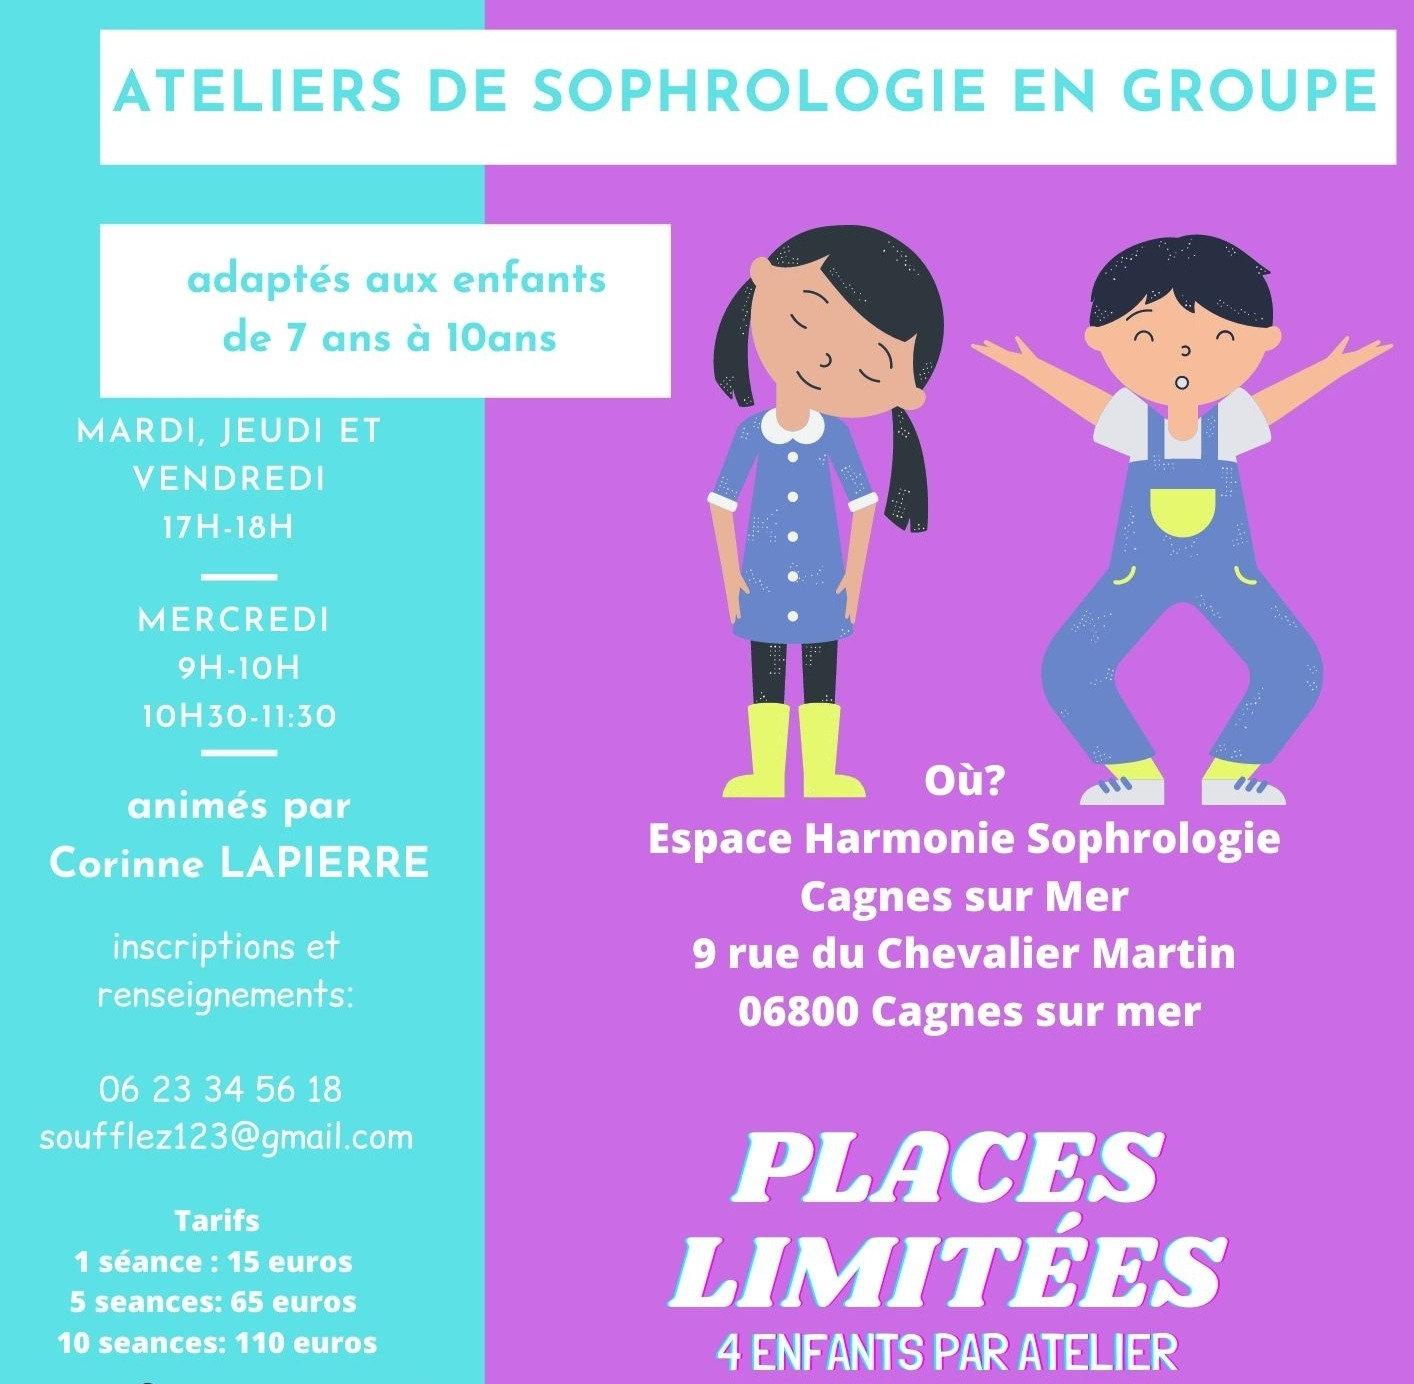 ATELIERS SOPHROLOGIE ENFANTS